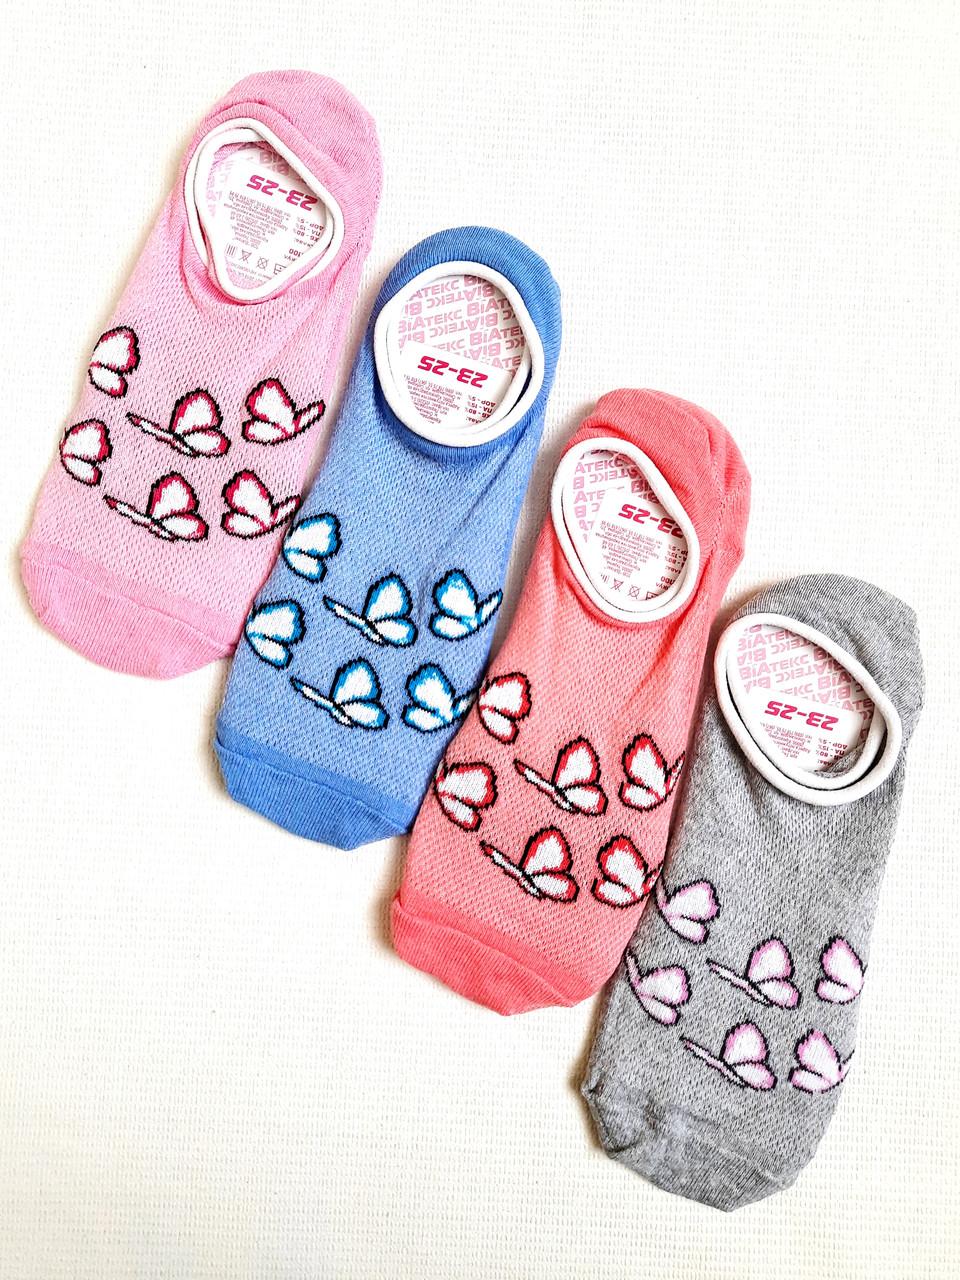 Сліди шкарпетки жіночі р. 23-25 бавовна стрейч Україна. Від 6 пар по 8грн